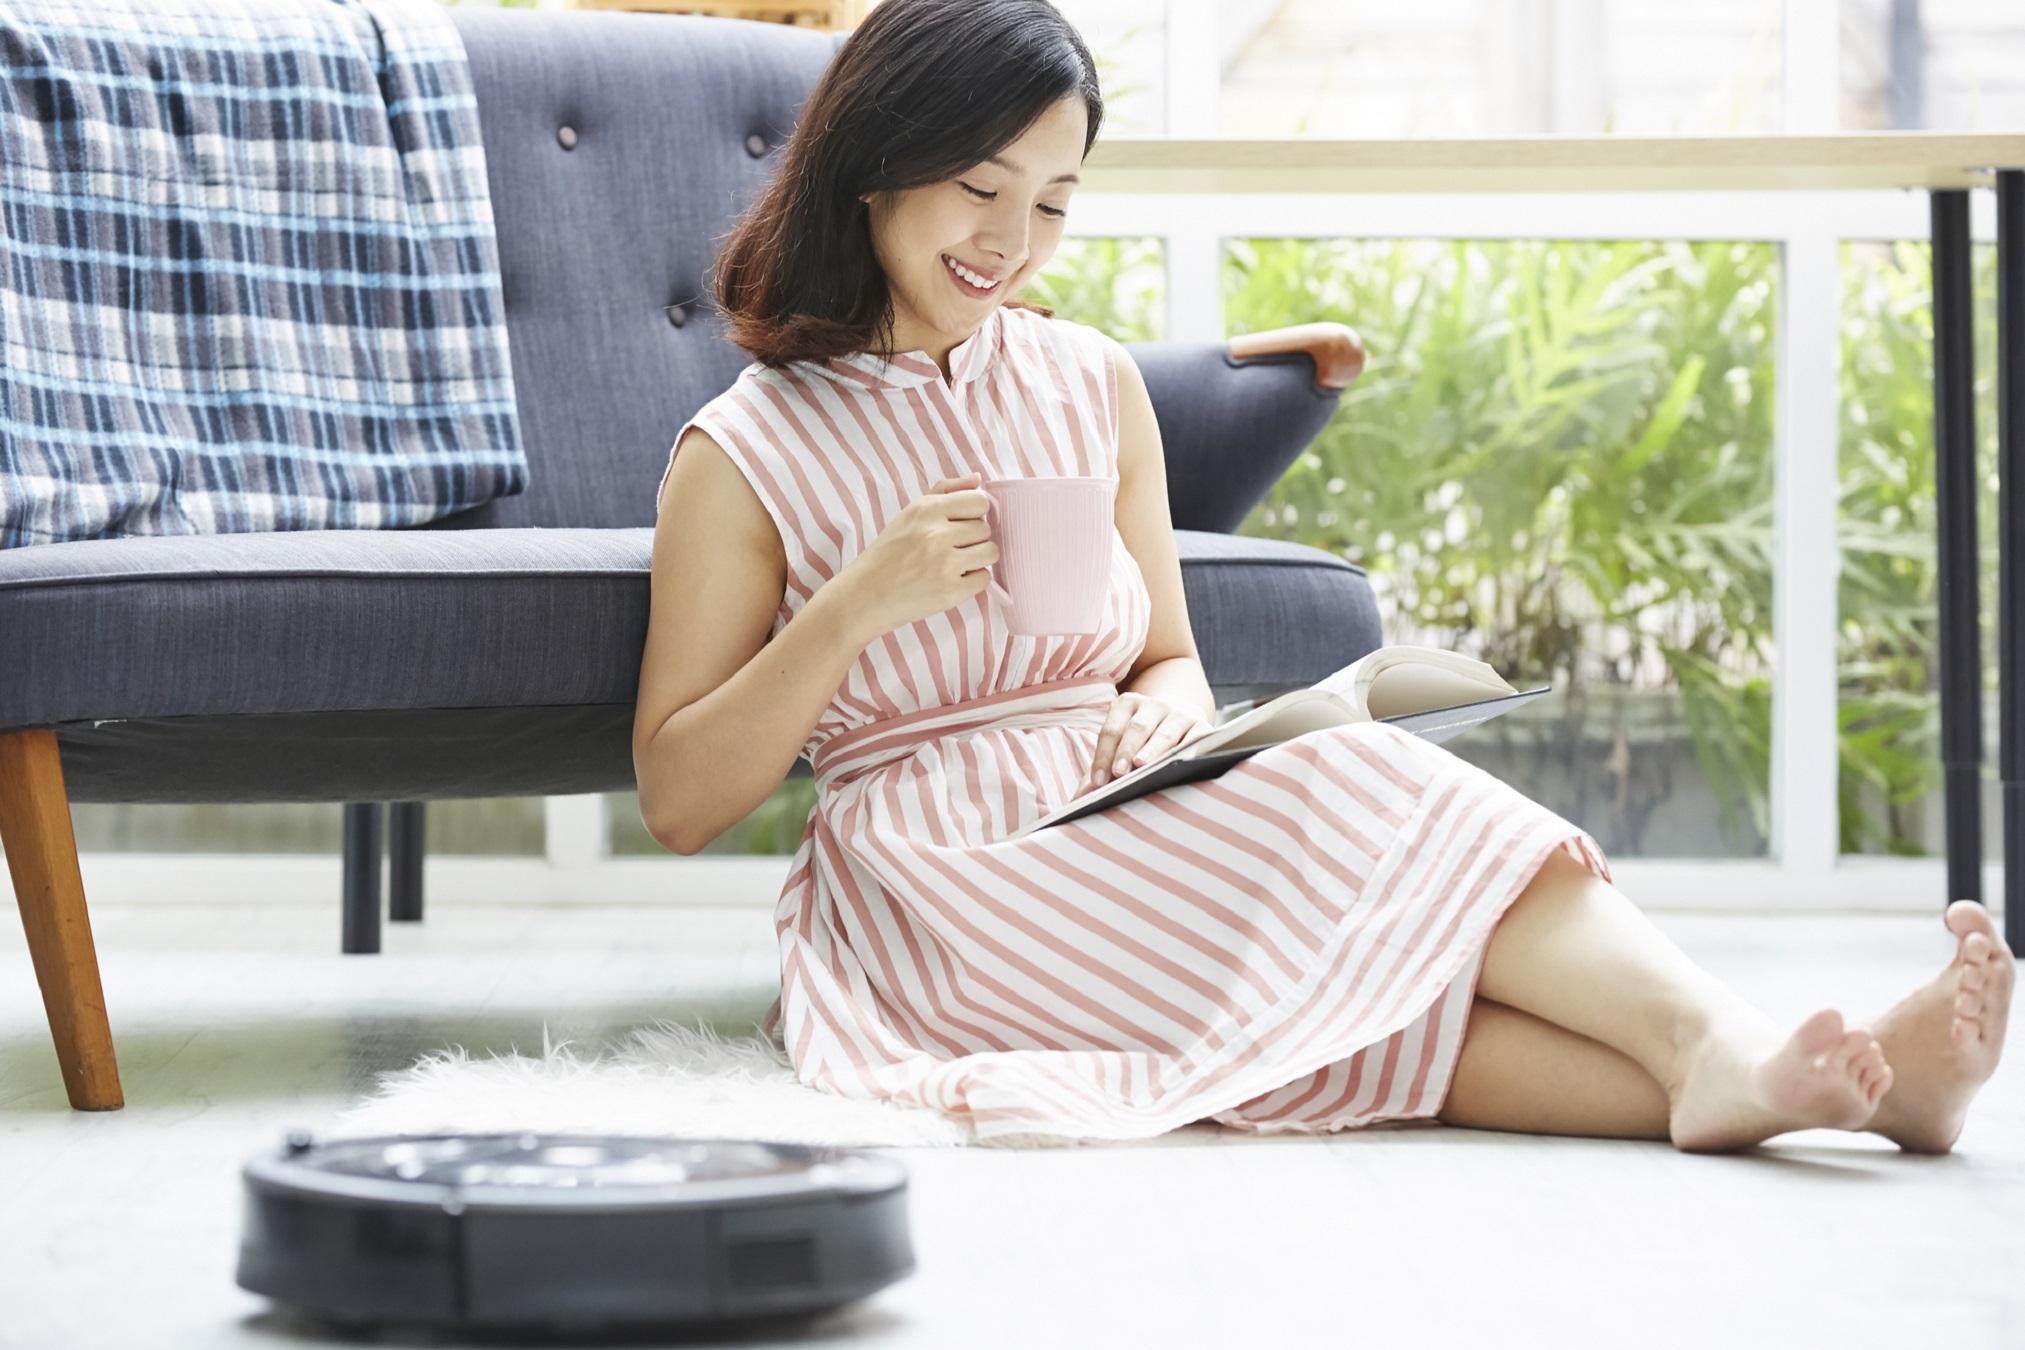 ロボットの進化で家事から開放される?未来をイメージする最新実例